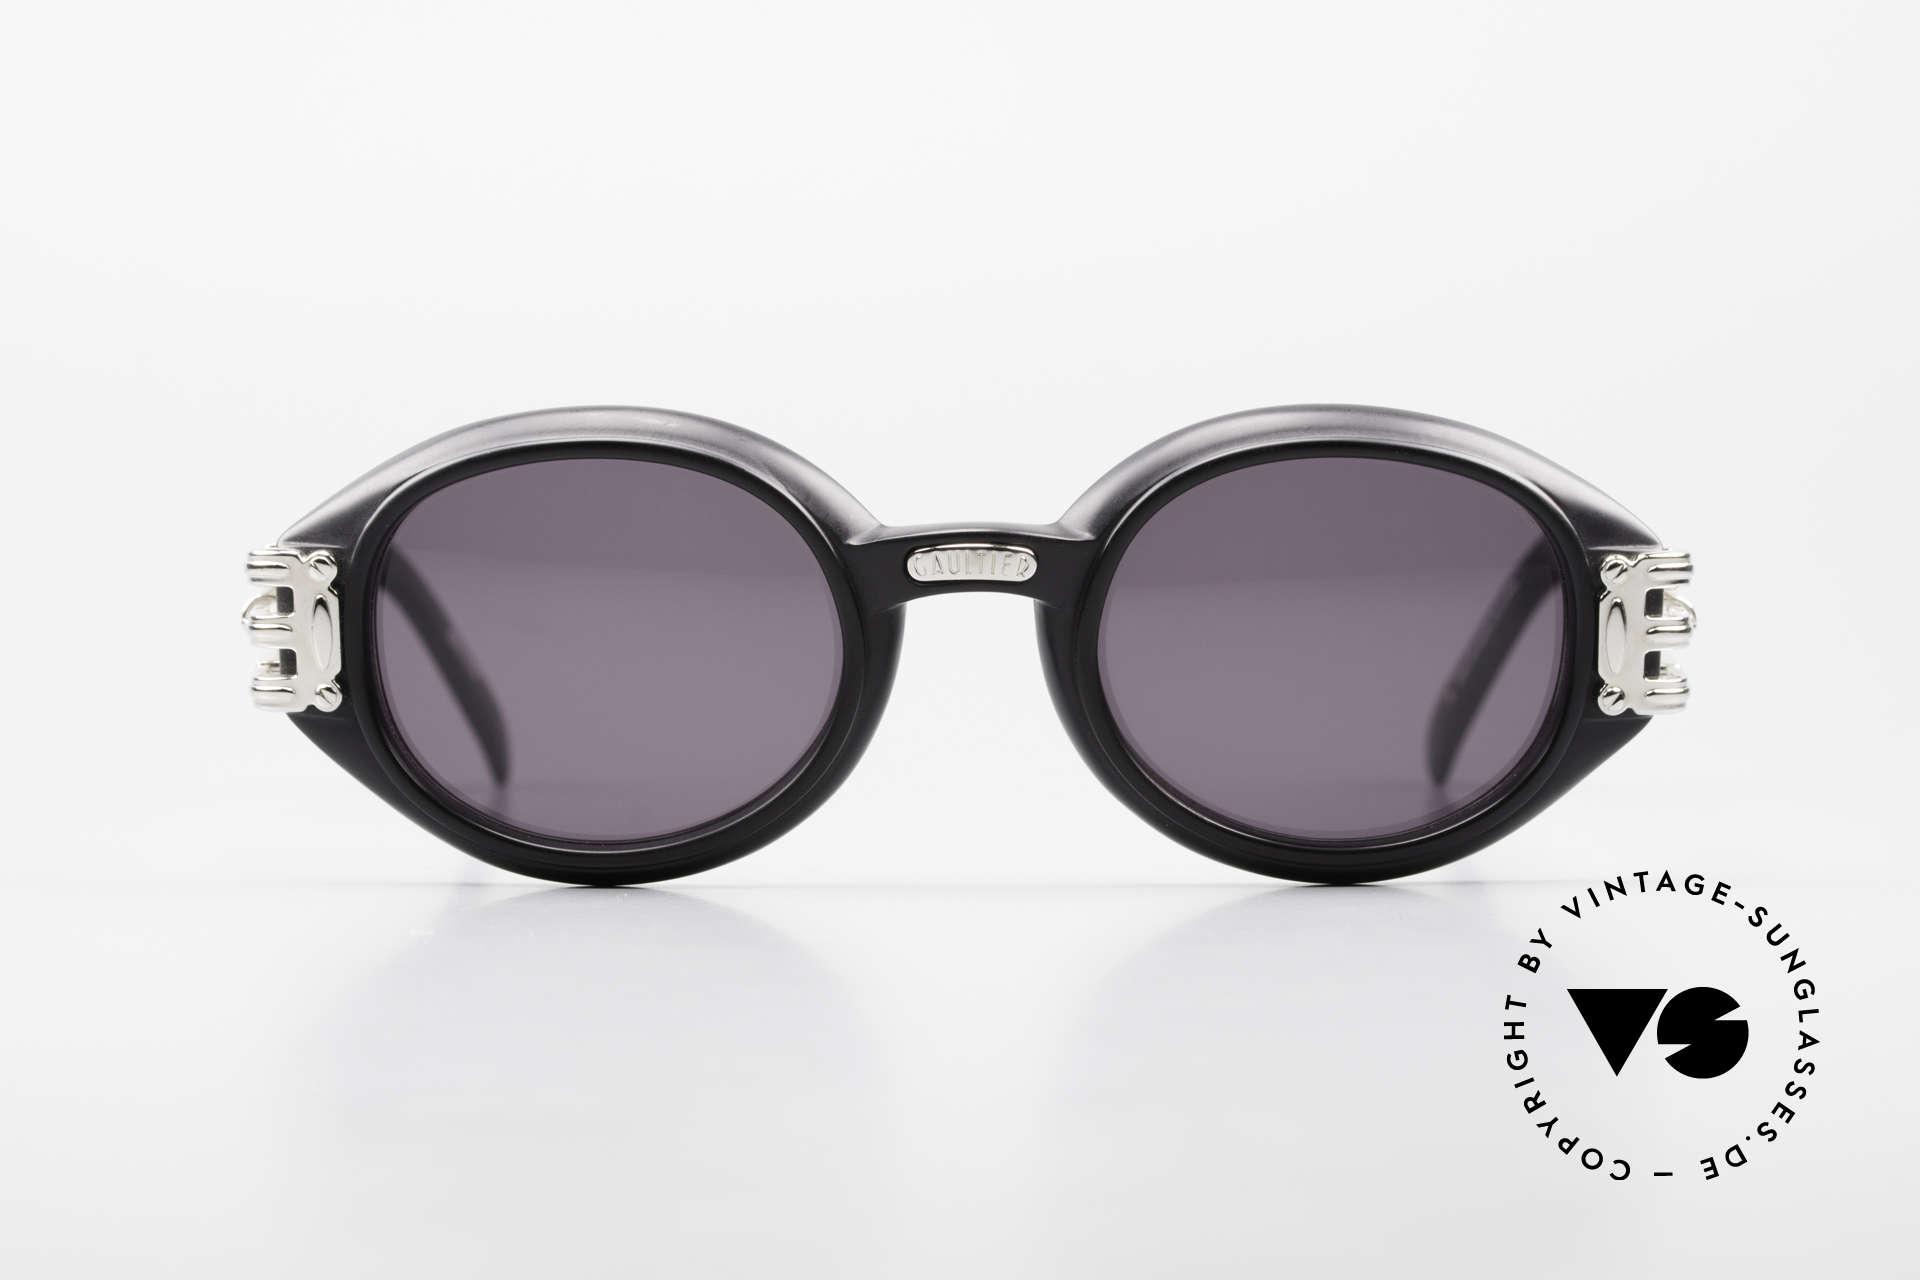 Jean Paul Gaultier 56-5203 Steampunk Sonnenbrille 90er, enorm massiver / schwerer Rahmen in Top-Qualität, Passend für Herren und Damen